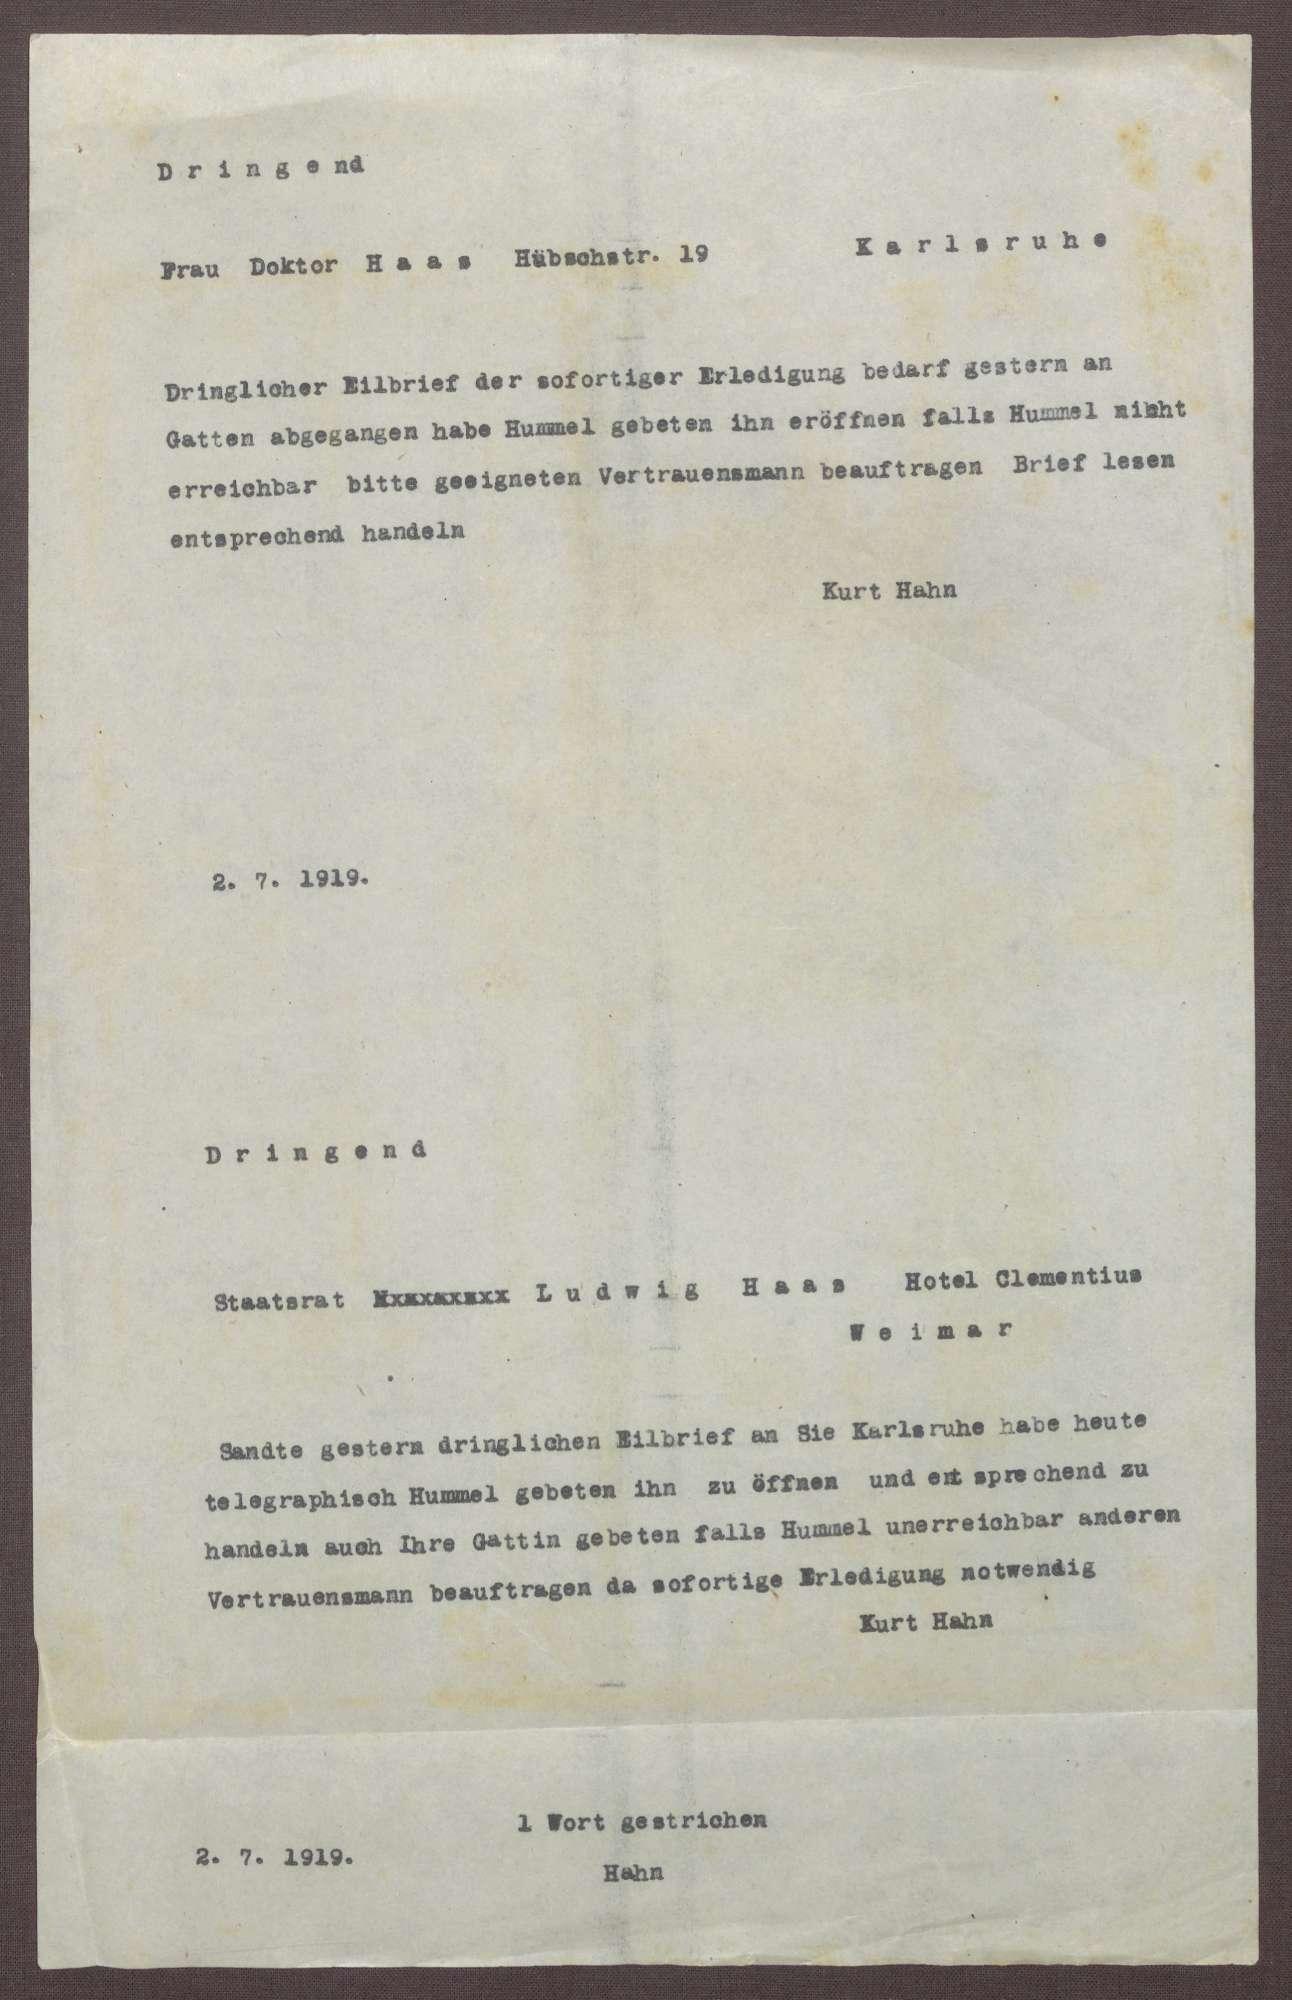 Schreiben von Kurt Hahn an Ludwig Haas; Bitte um schnelle Antwort auf einen vertraulichen Brief, Bild 1